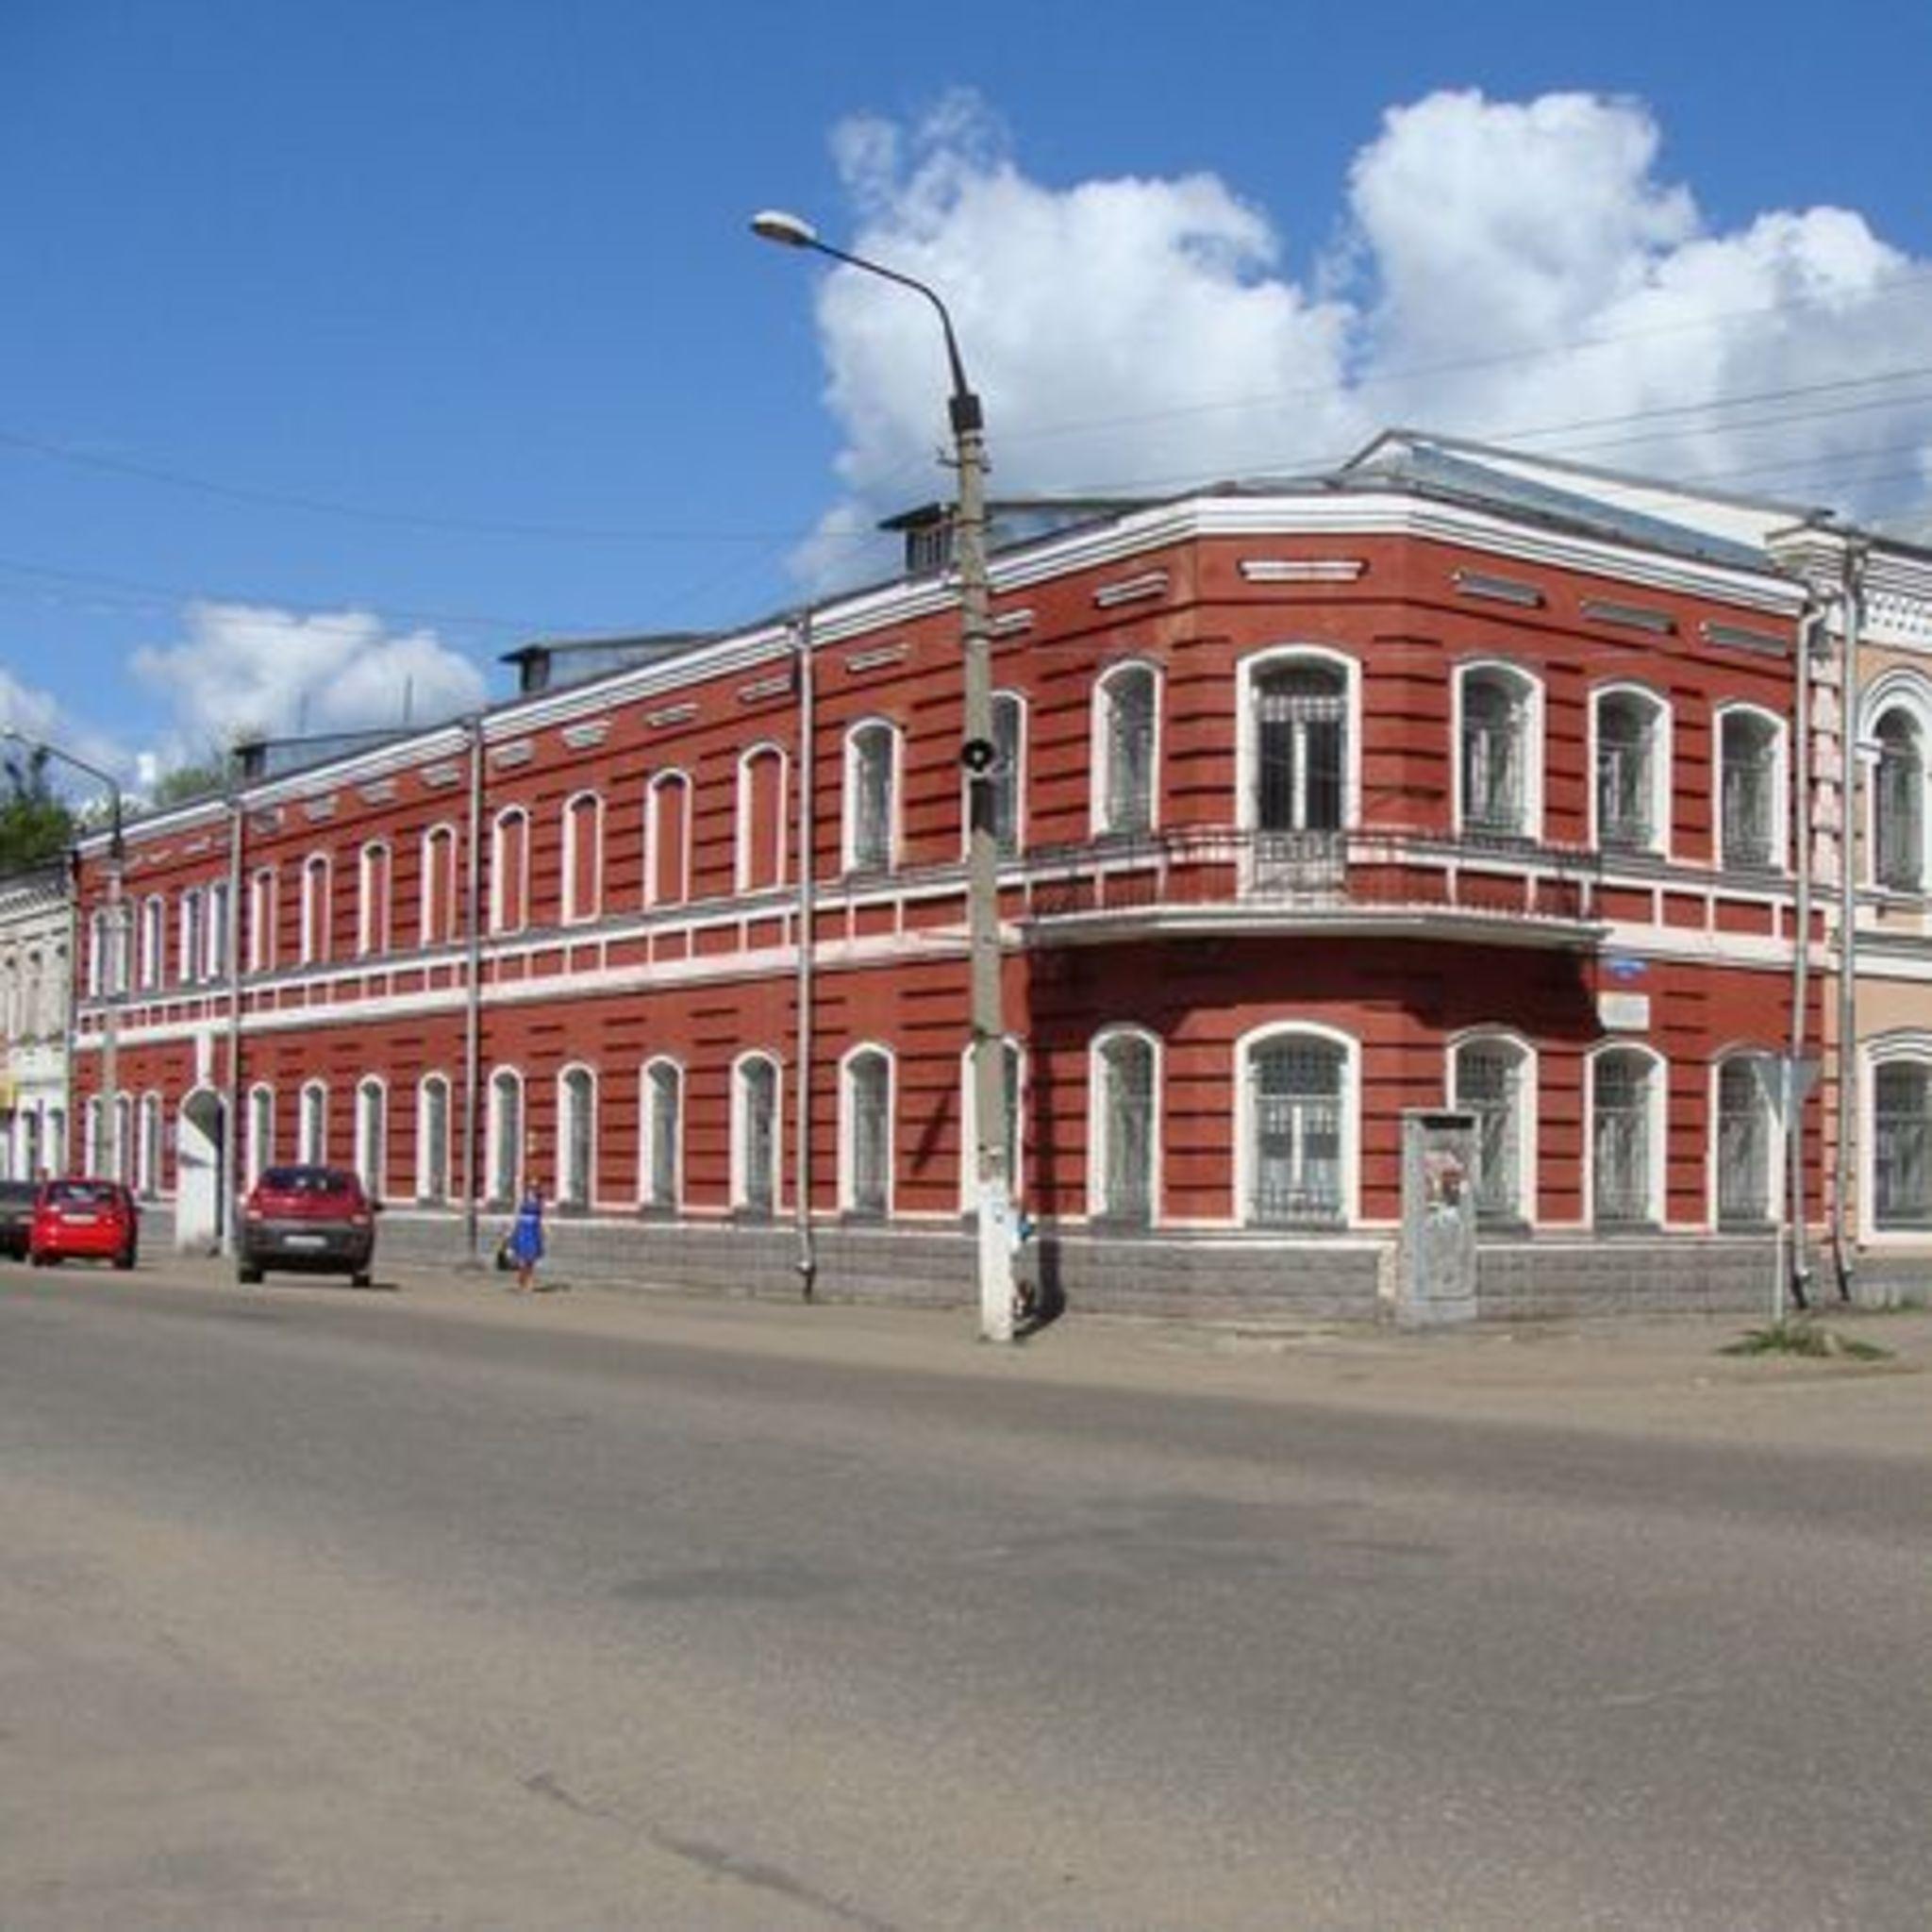 Vyshnevolotsky History Museum